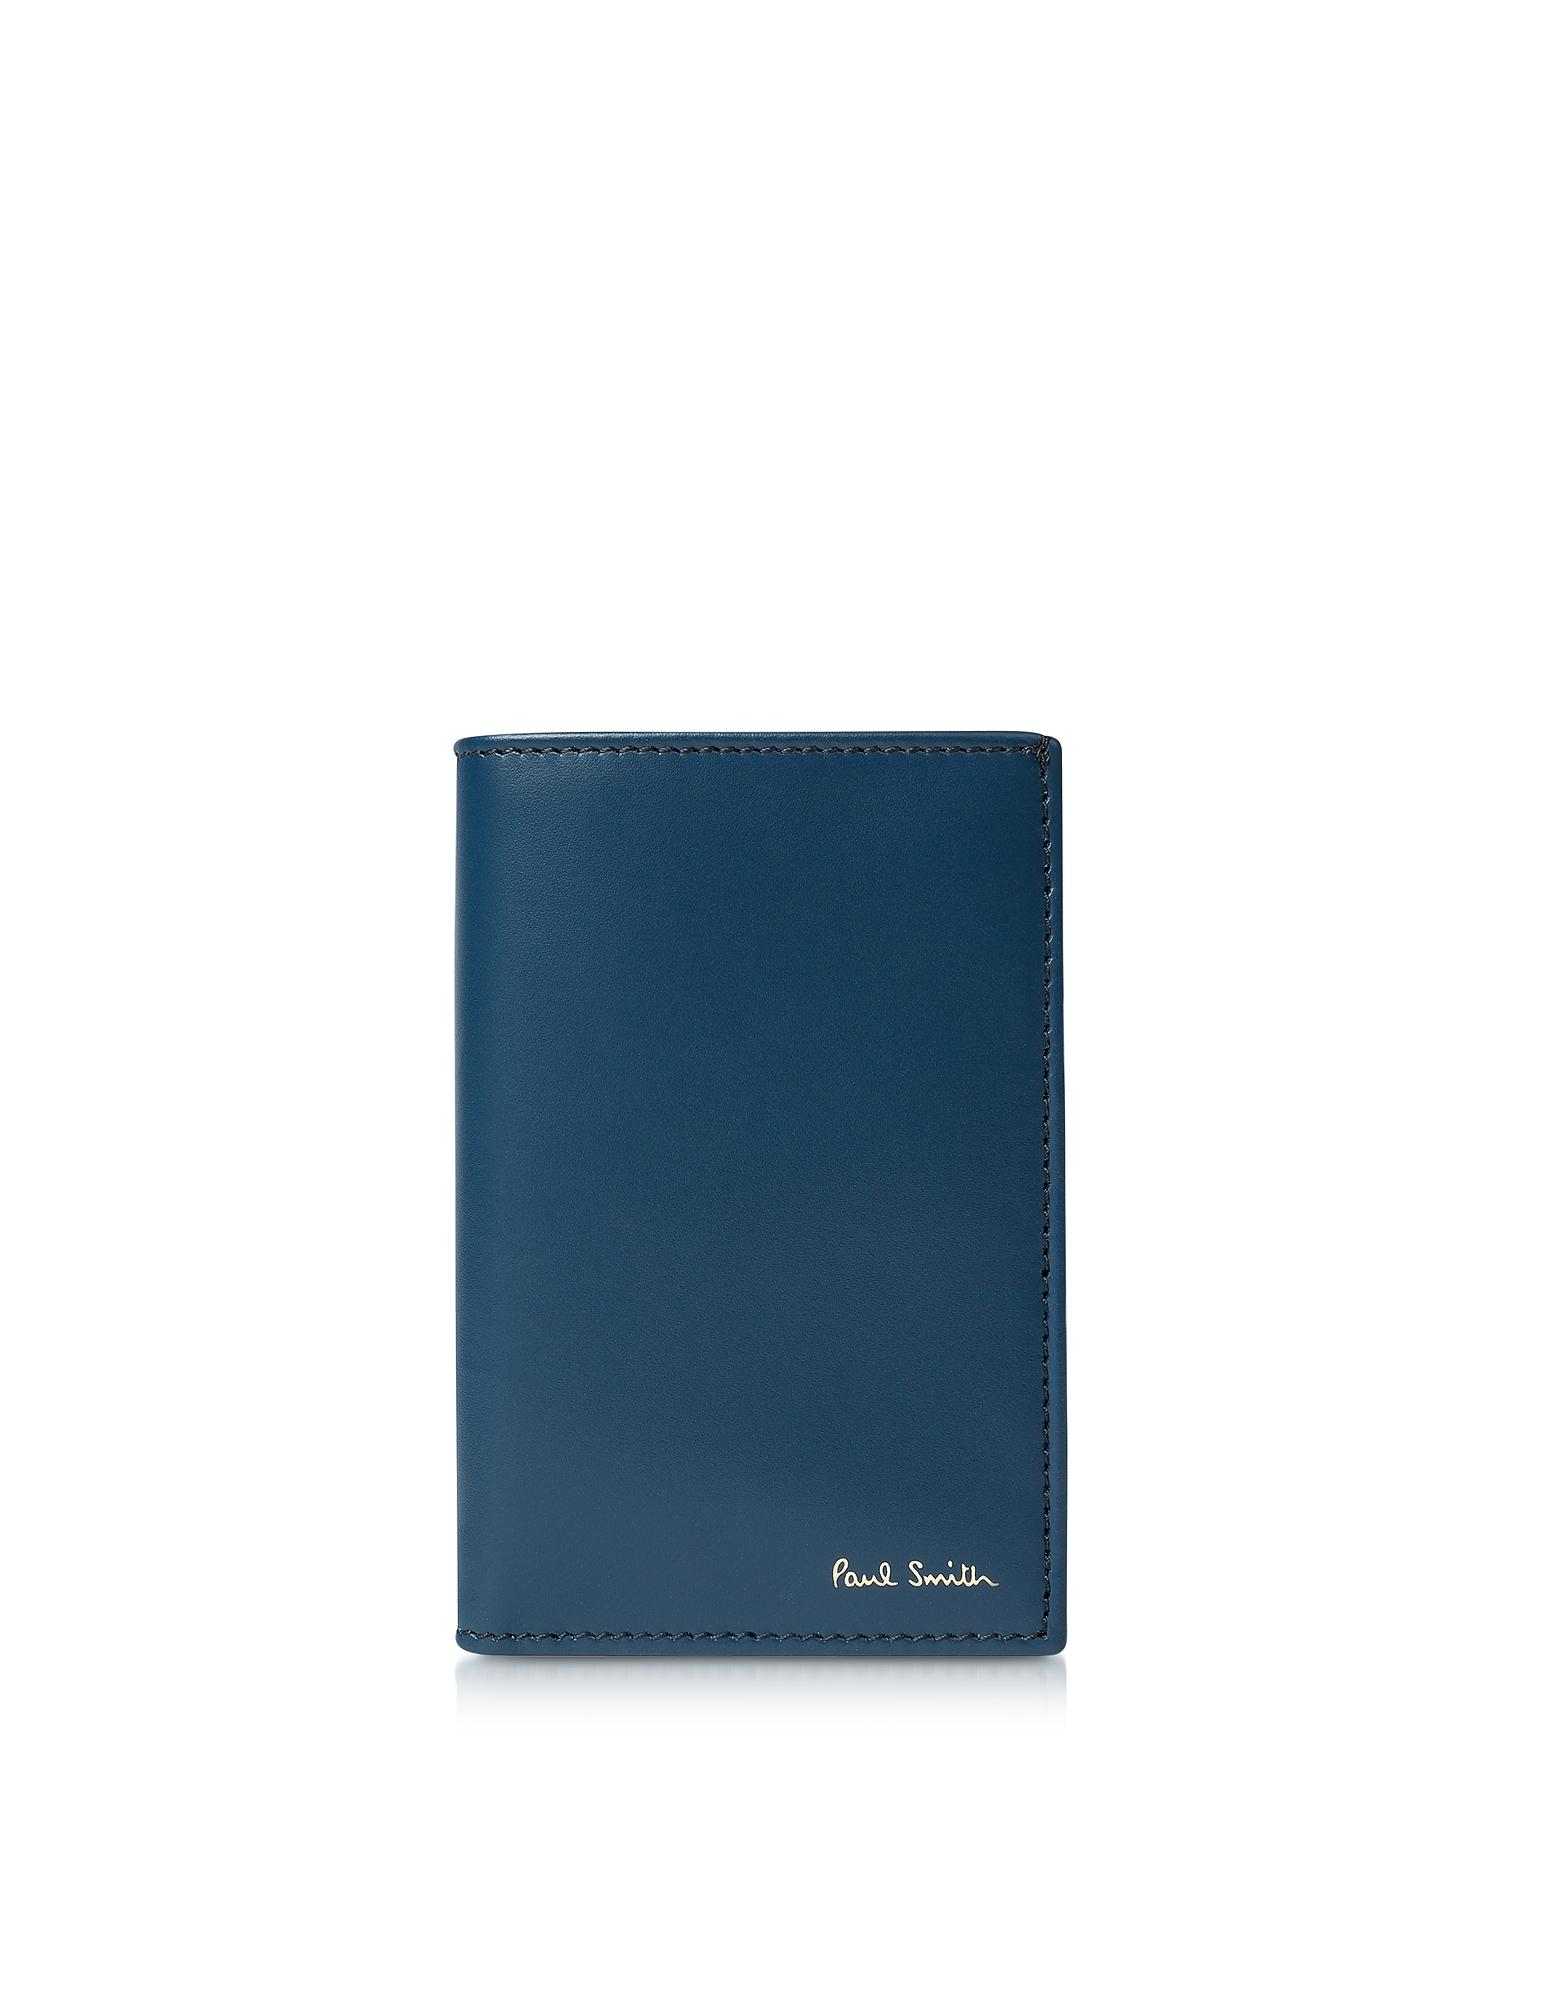 Inky - Темно-синий Кожаный Бумажник для Карт с Принтом Фирменных Полосок